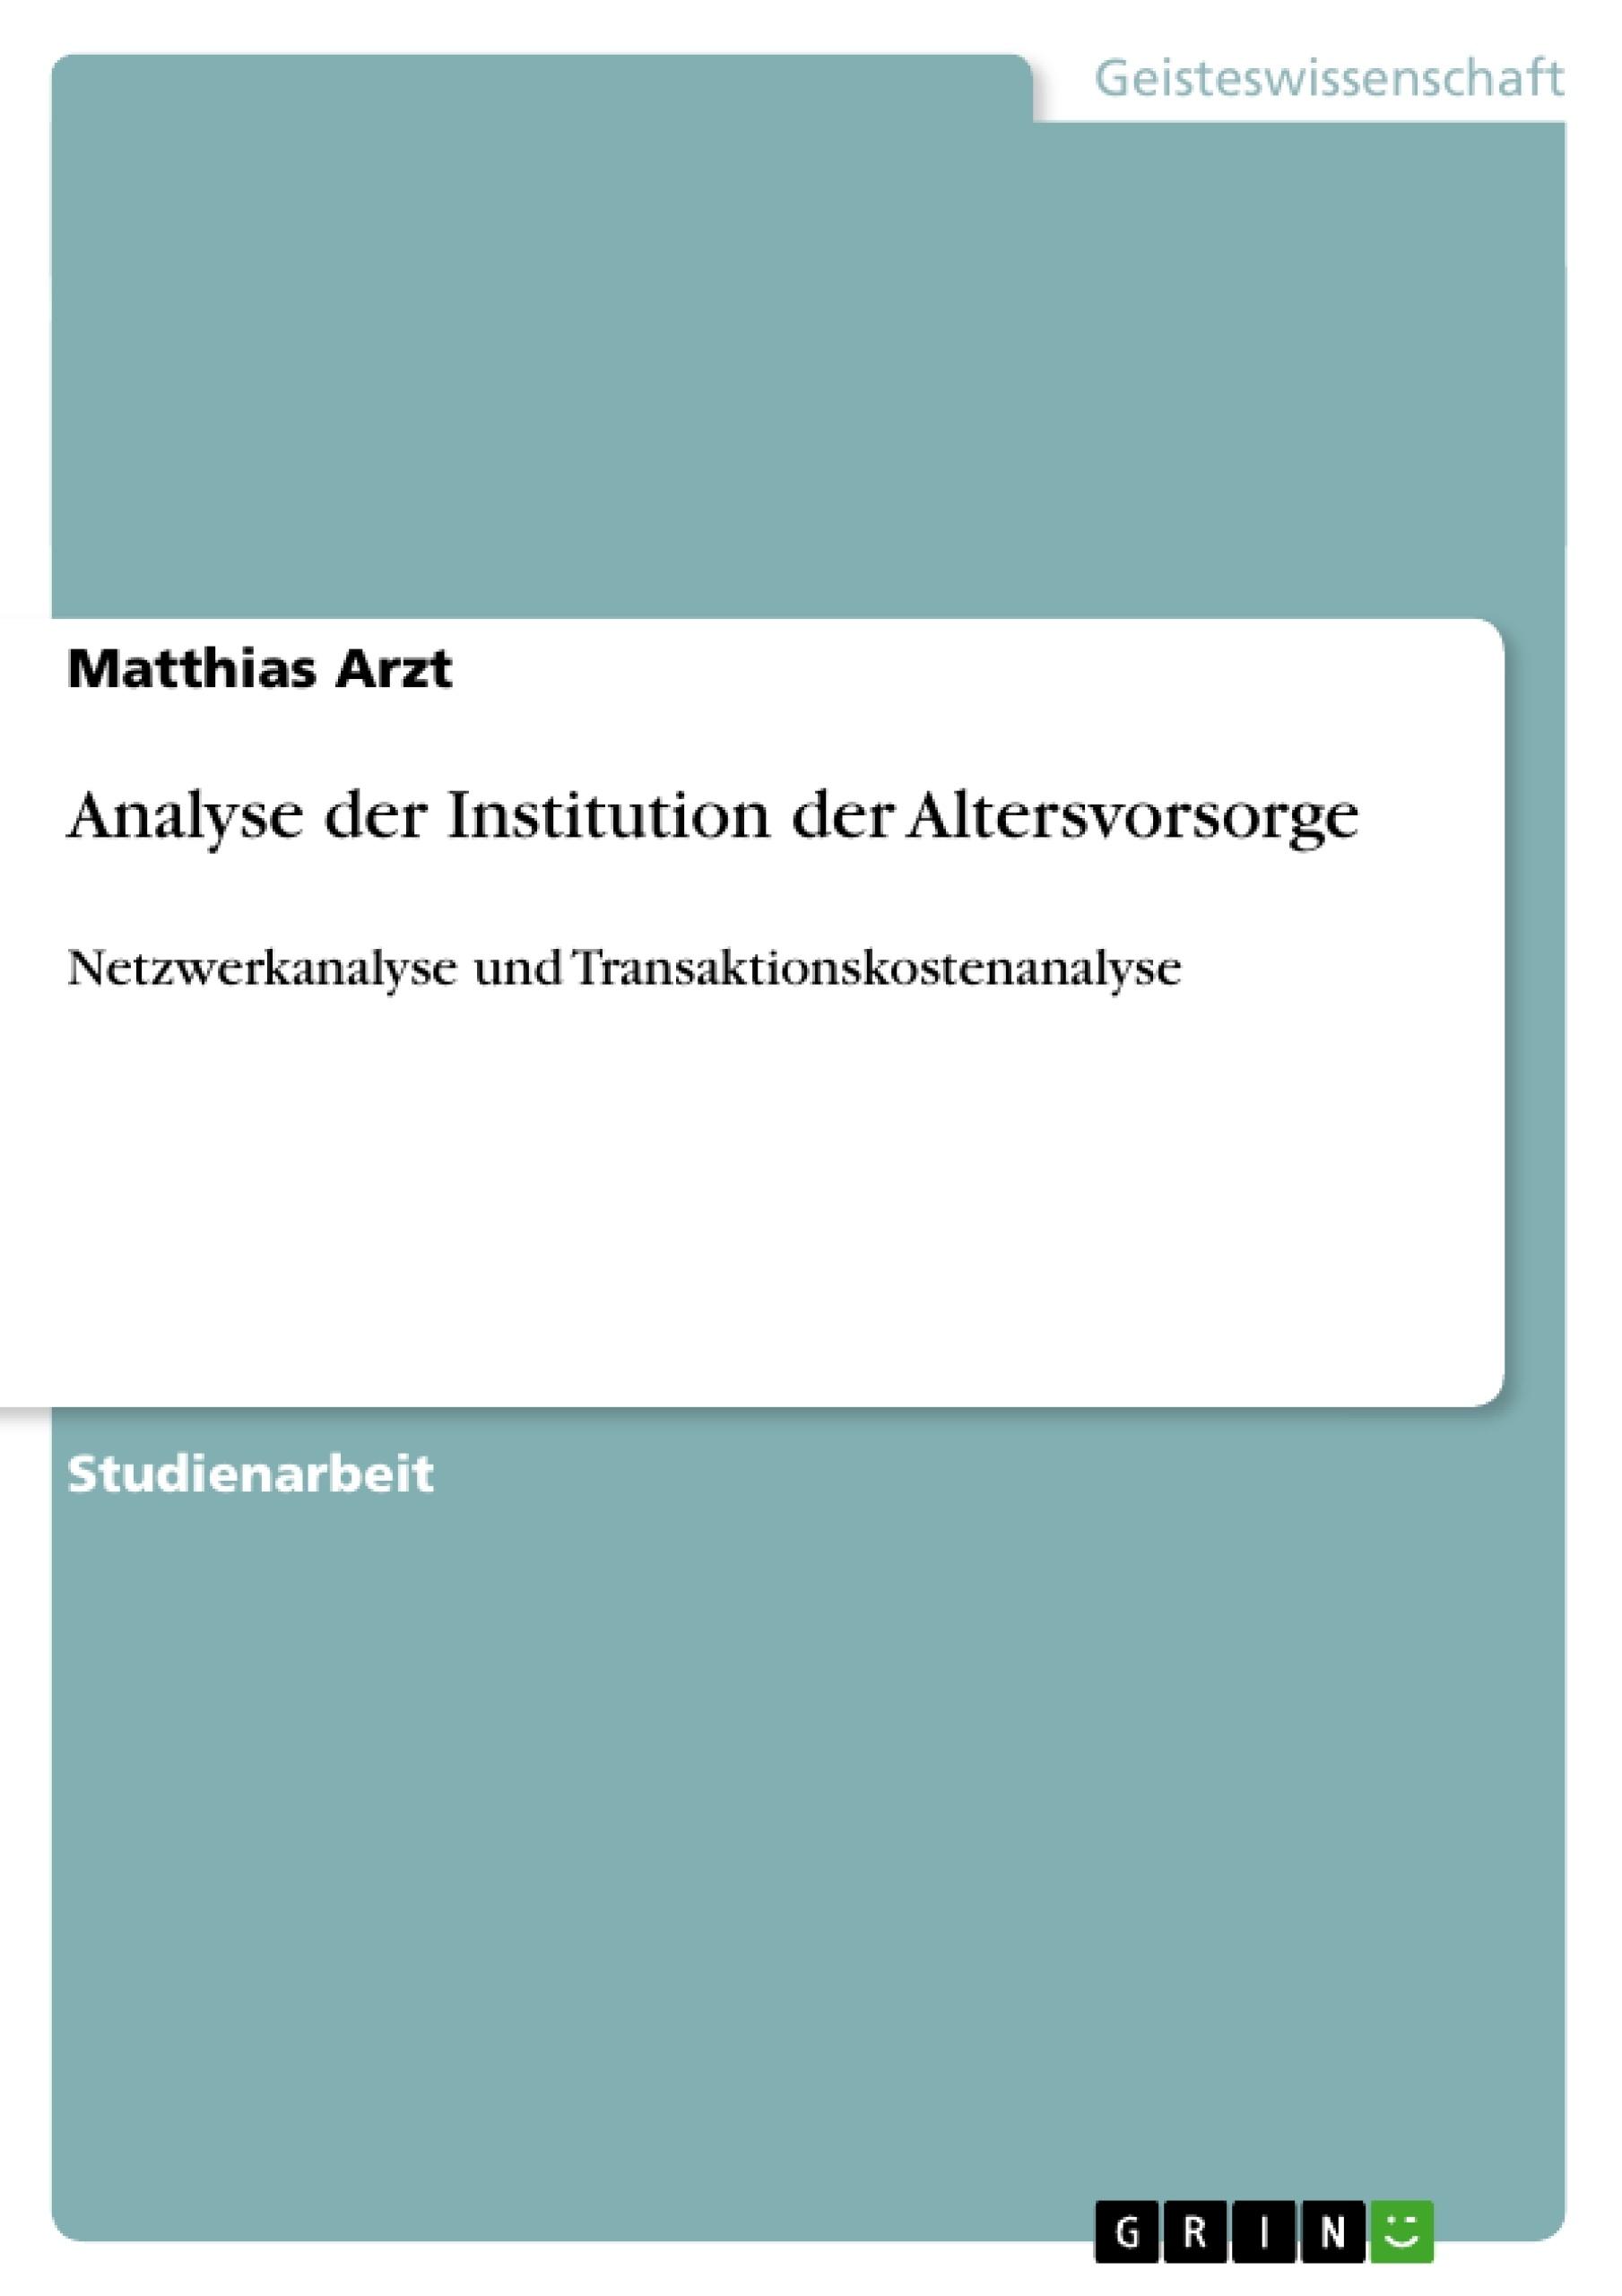 Titel: Analyse der Institution der Altersvorsorge